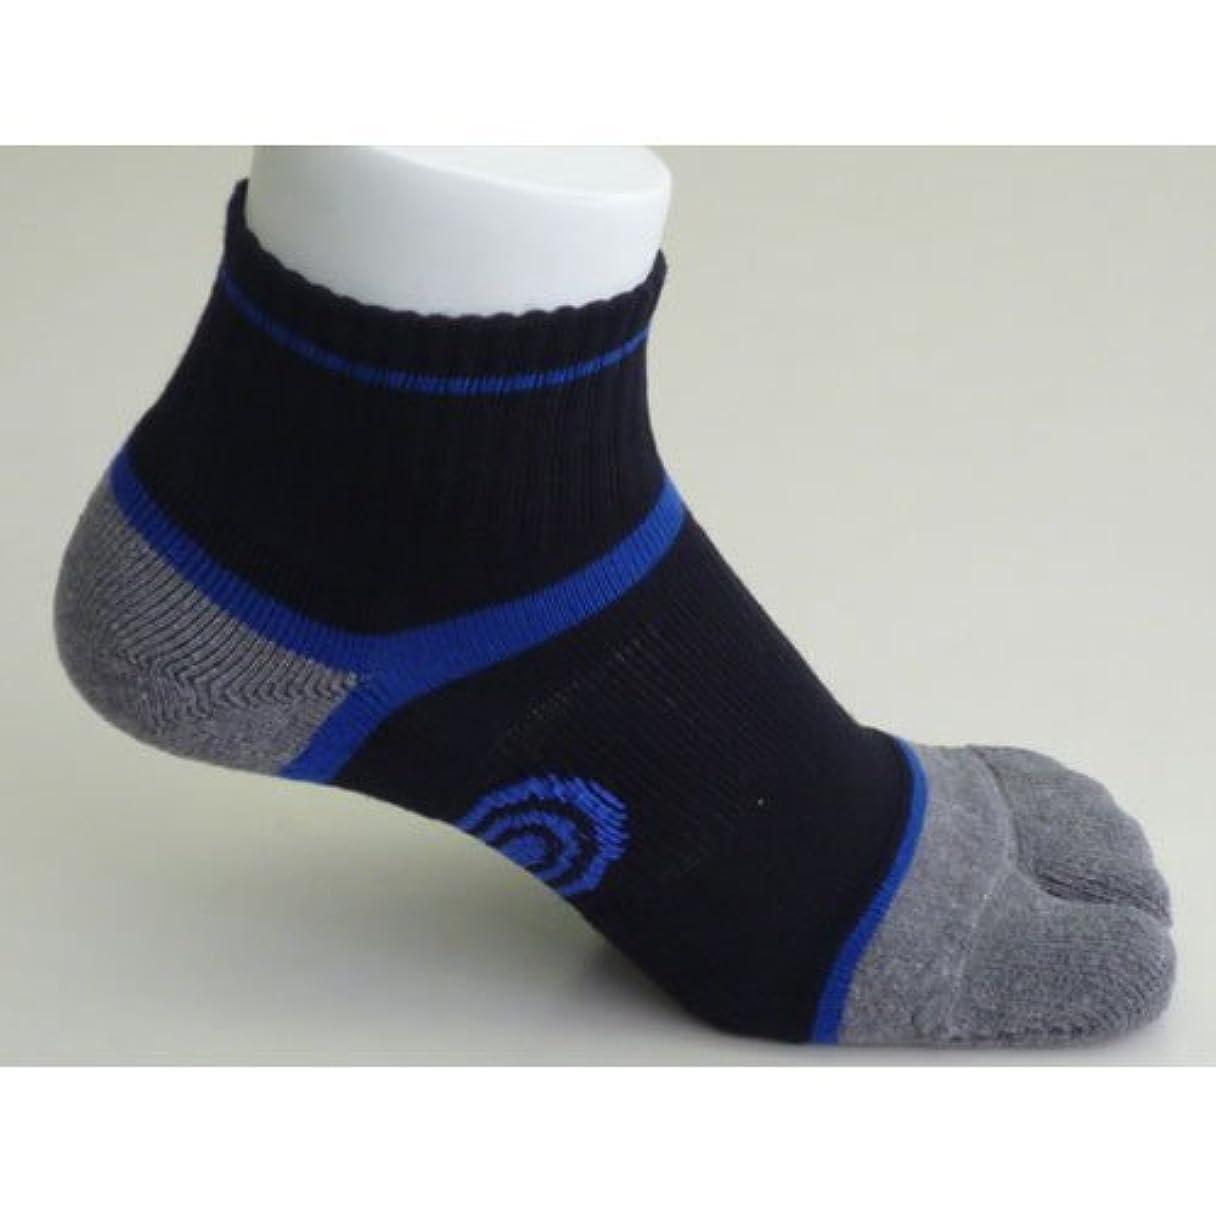 激怒ミュート単に草鞋ソックス M(25-27cm)ブルー 【わらじソックス】【炭の靴下】【足袋型】